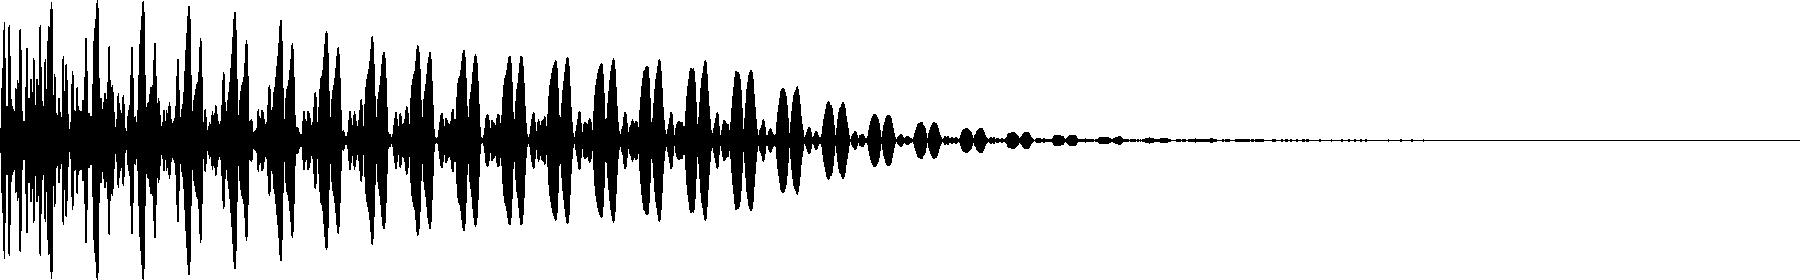 vedh bass cut 009 f